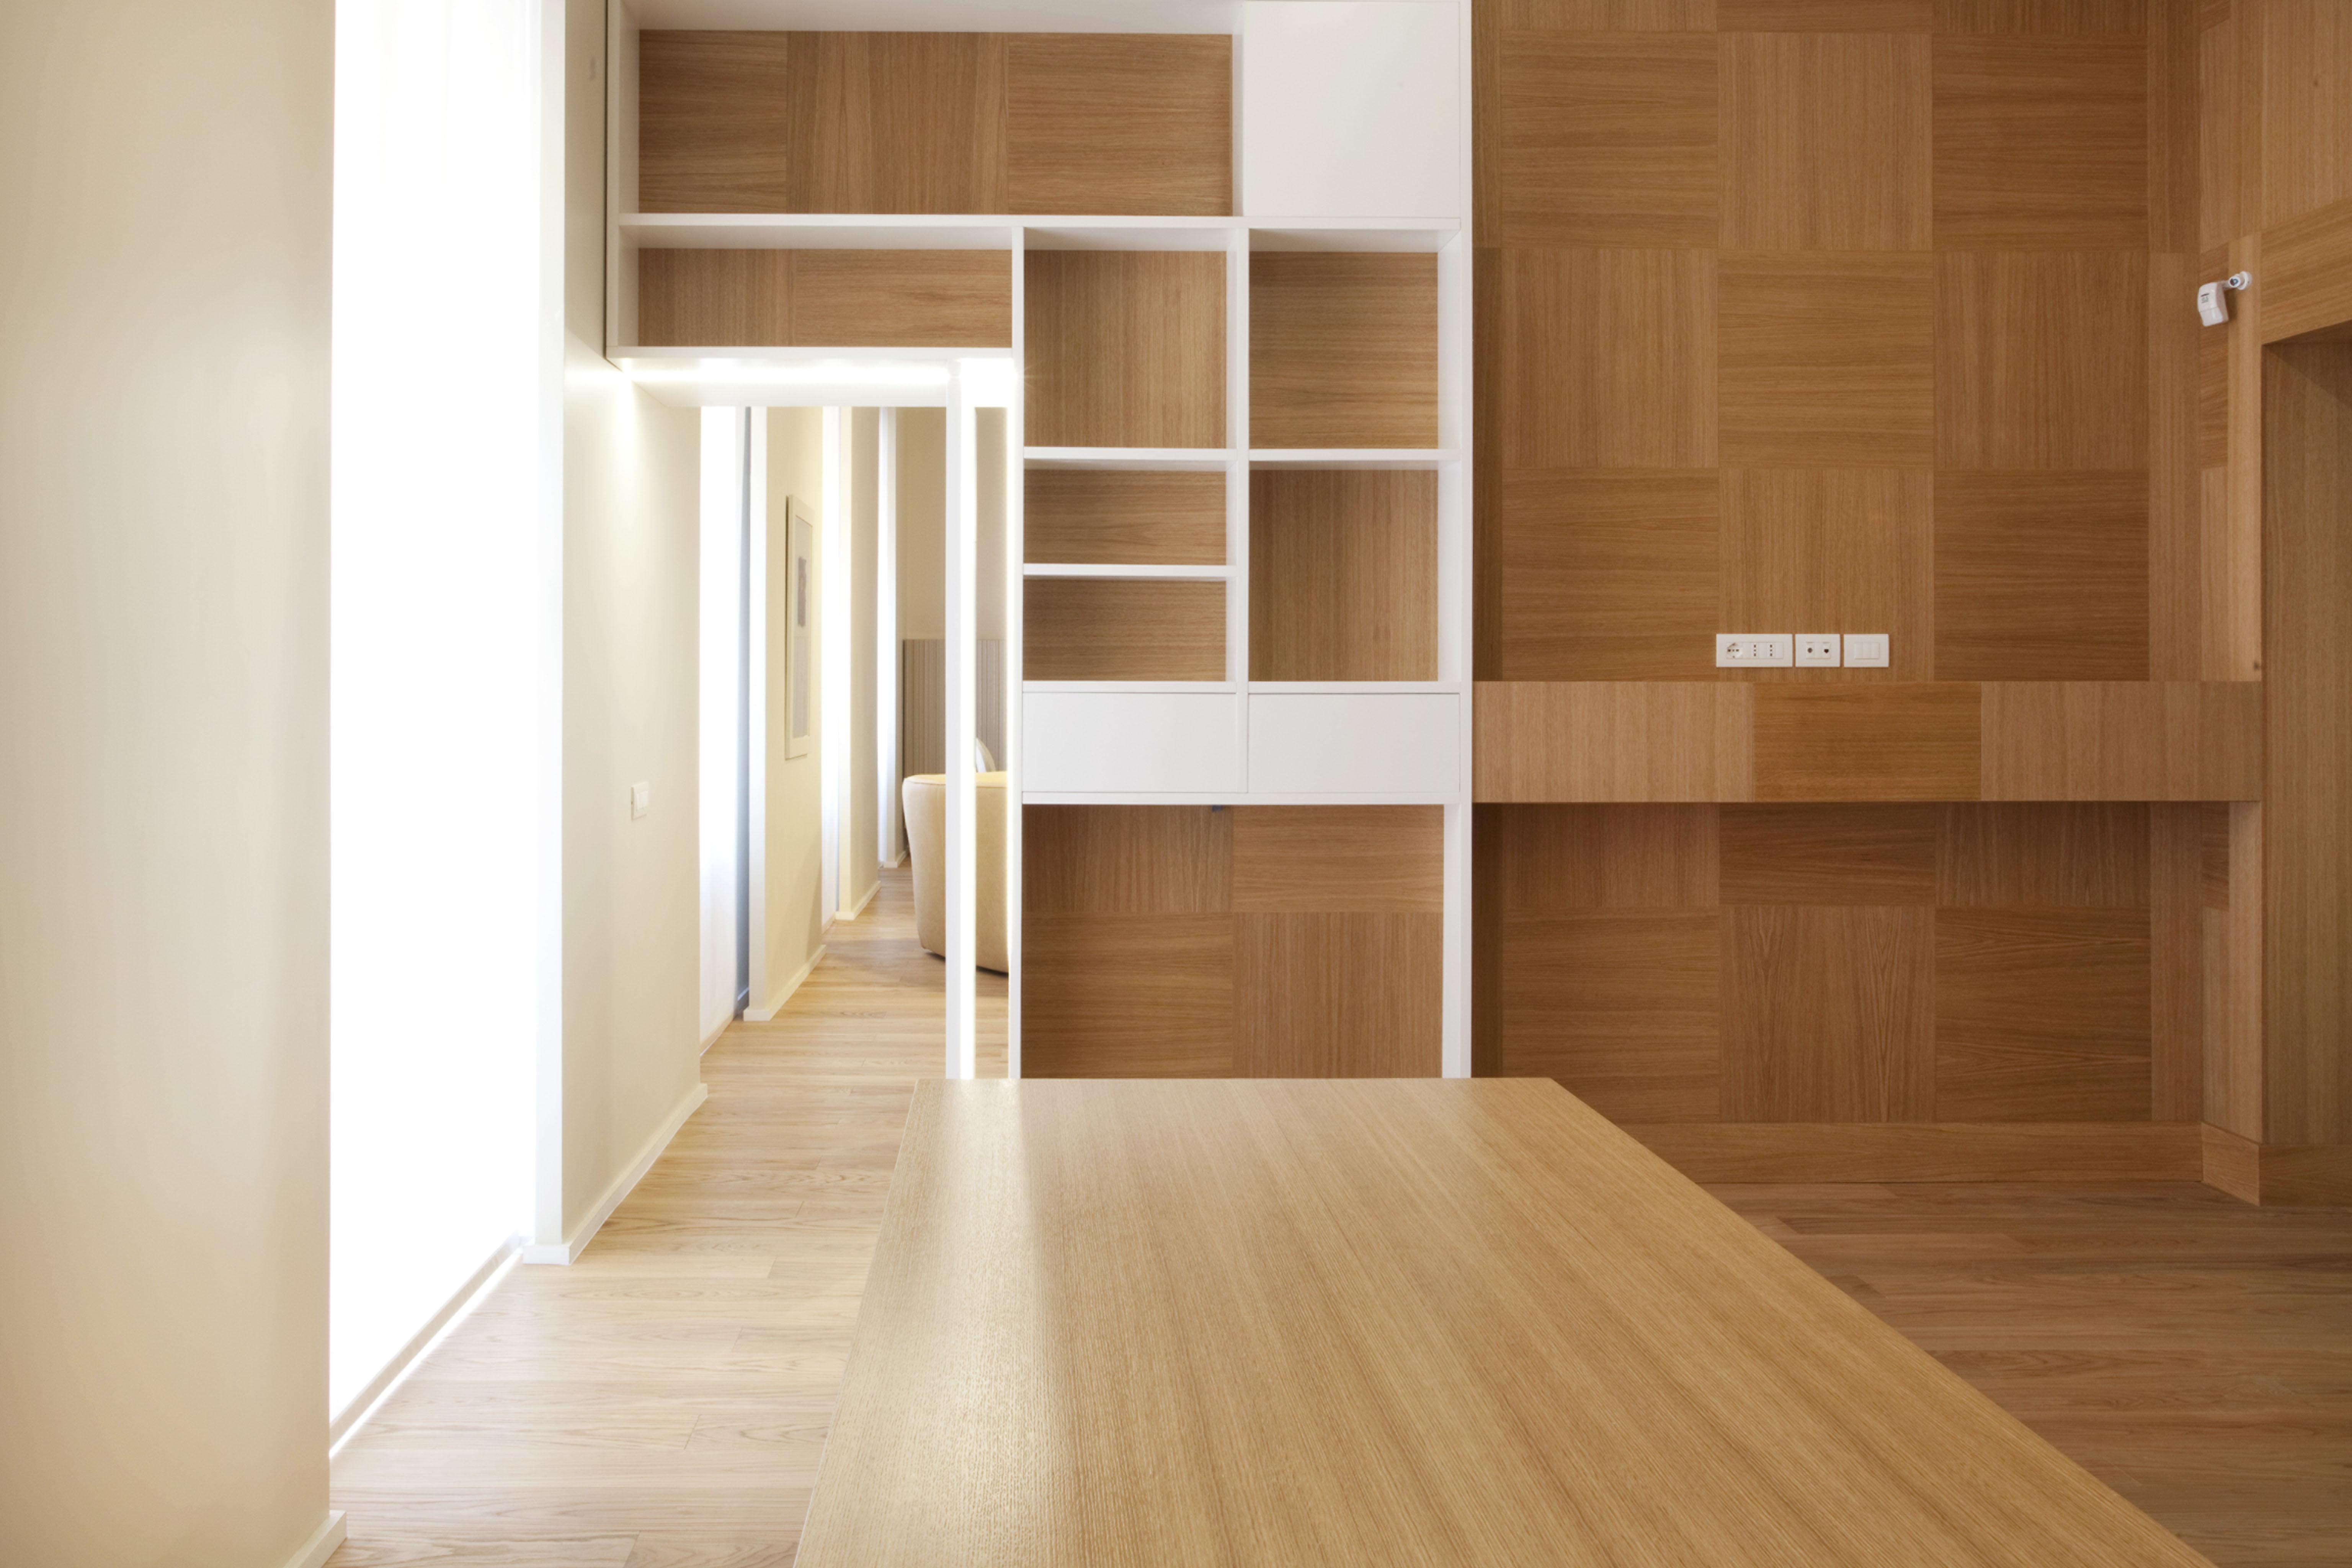 Ristrutturazione di interni progetto fastlabarchitetti parete con rivestimento in legno fastlab - Rivestire parete con legno ...